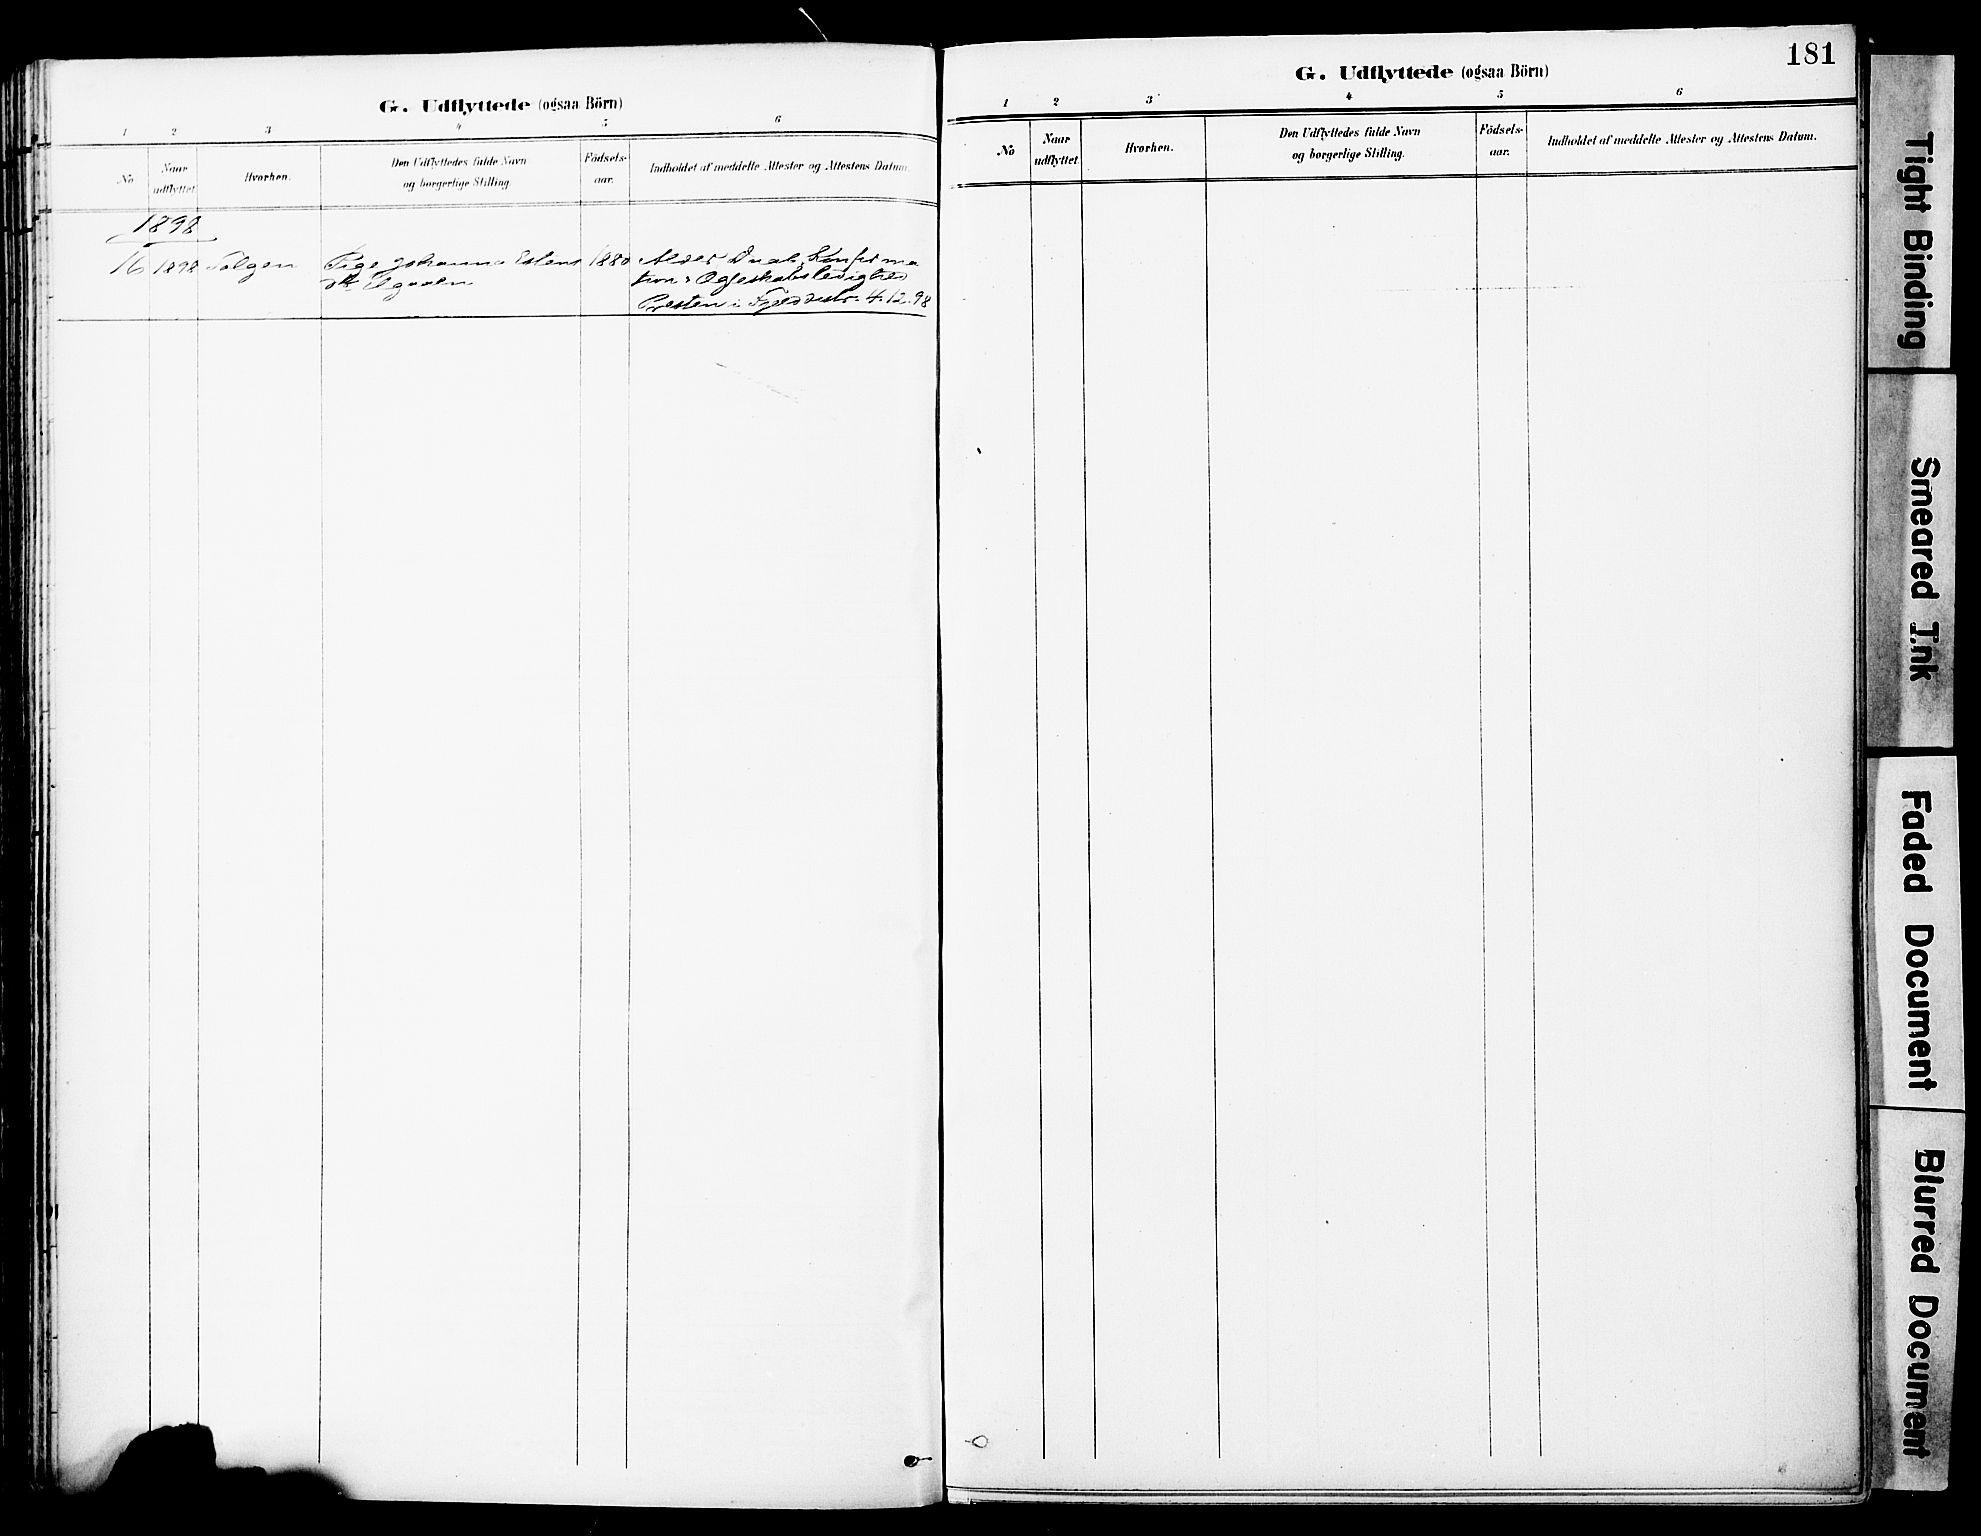 SAT, Ministerialprotokoller, klokkerbøker og fødselsregistre - Sør-Trøndelag, 681/L0935: Ministerialbok nr. 681A13, 1890-1898, s. 181